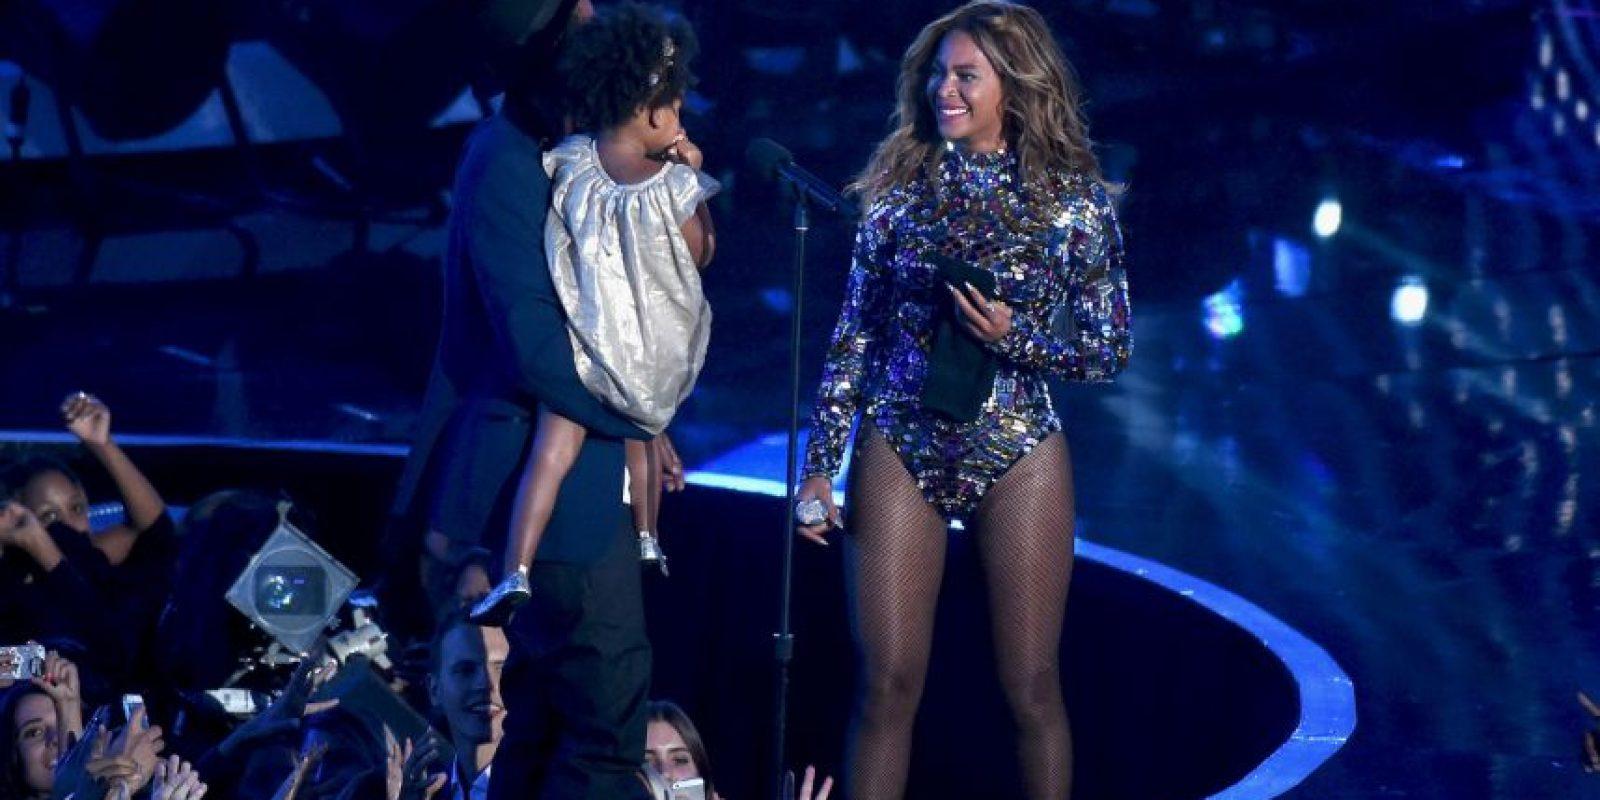 """Mantuvieron su relación en secreto, pero la química de la pareja era clara para todo aquel que hubiera visto su actuación juntos en los MTV Video Music Awards de 2003 interpretando su simple """"Crazy In Love"""" Foto:Getty Images"""